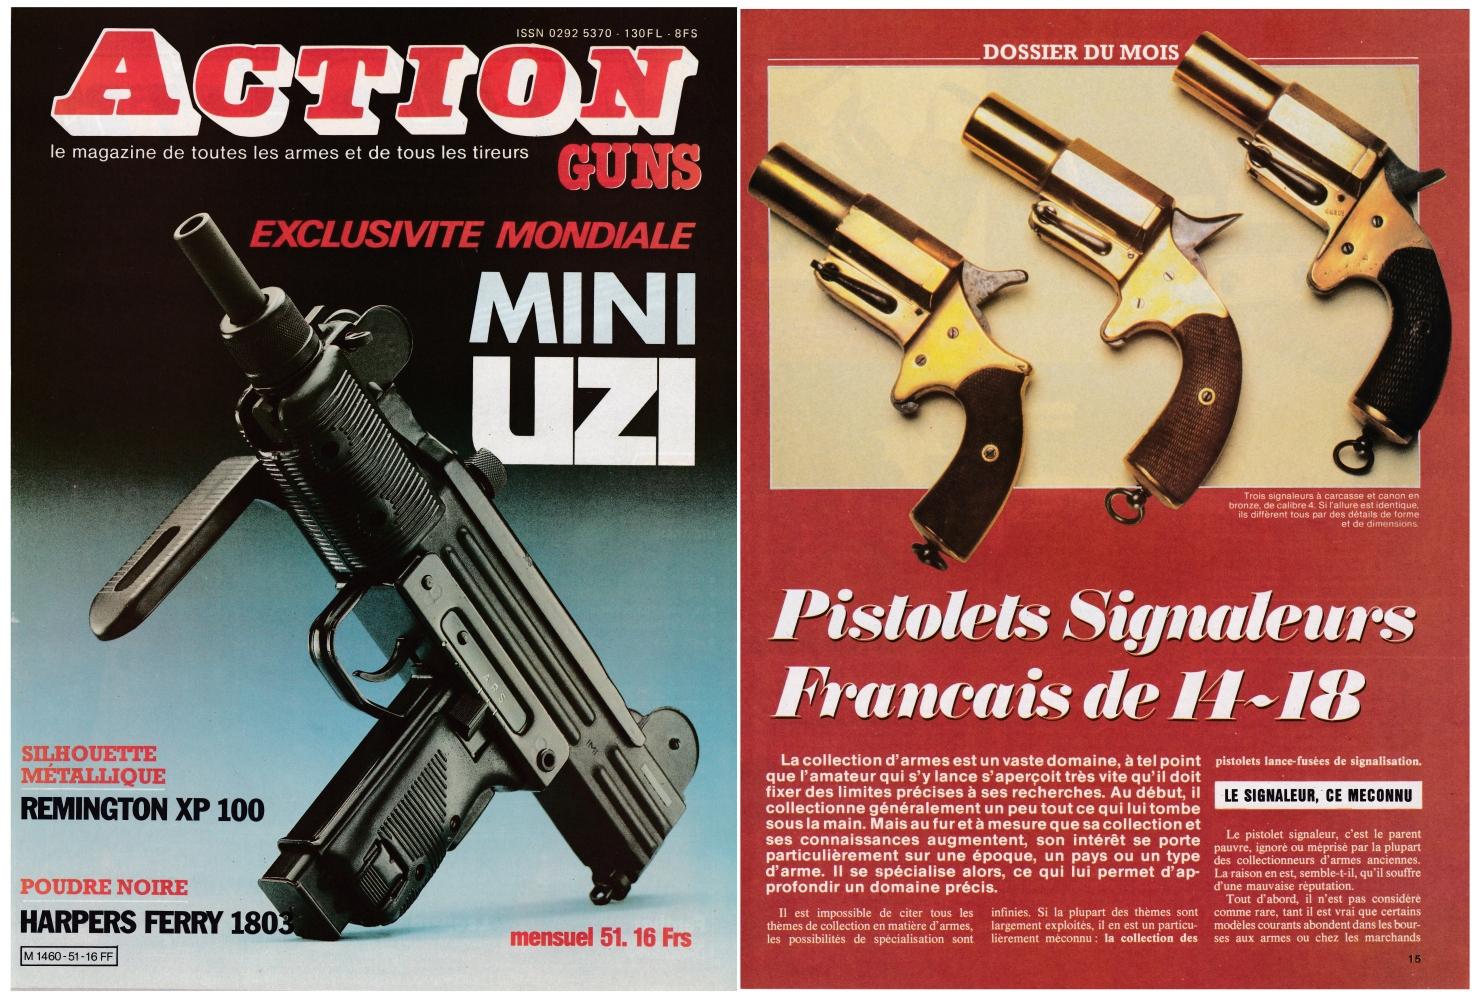 Les pistolets signaleurs français de 14-18 (1ère partie) ont fait l'objet d'une publication sur 5 pages dans le magazine Action Guns N°51 (mars 1983).